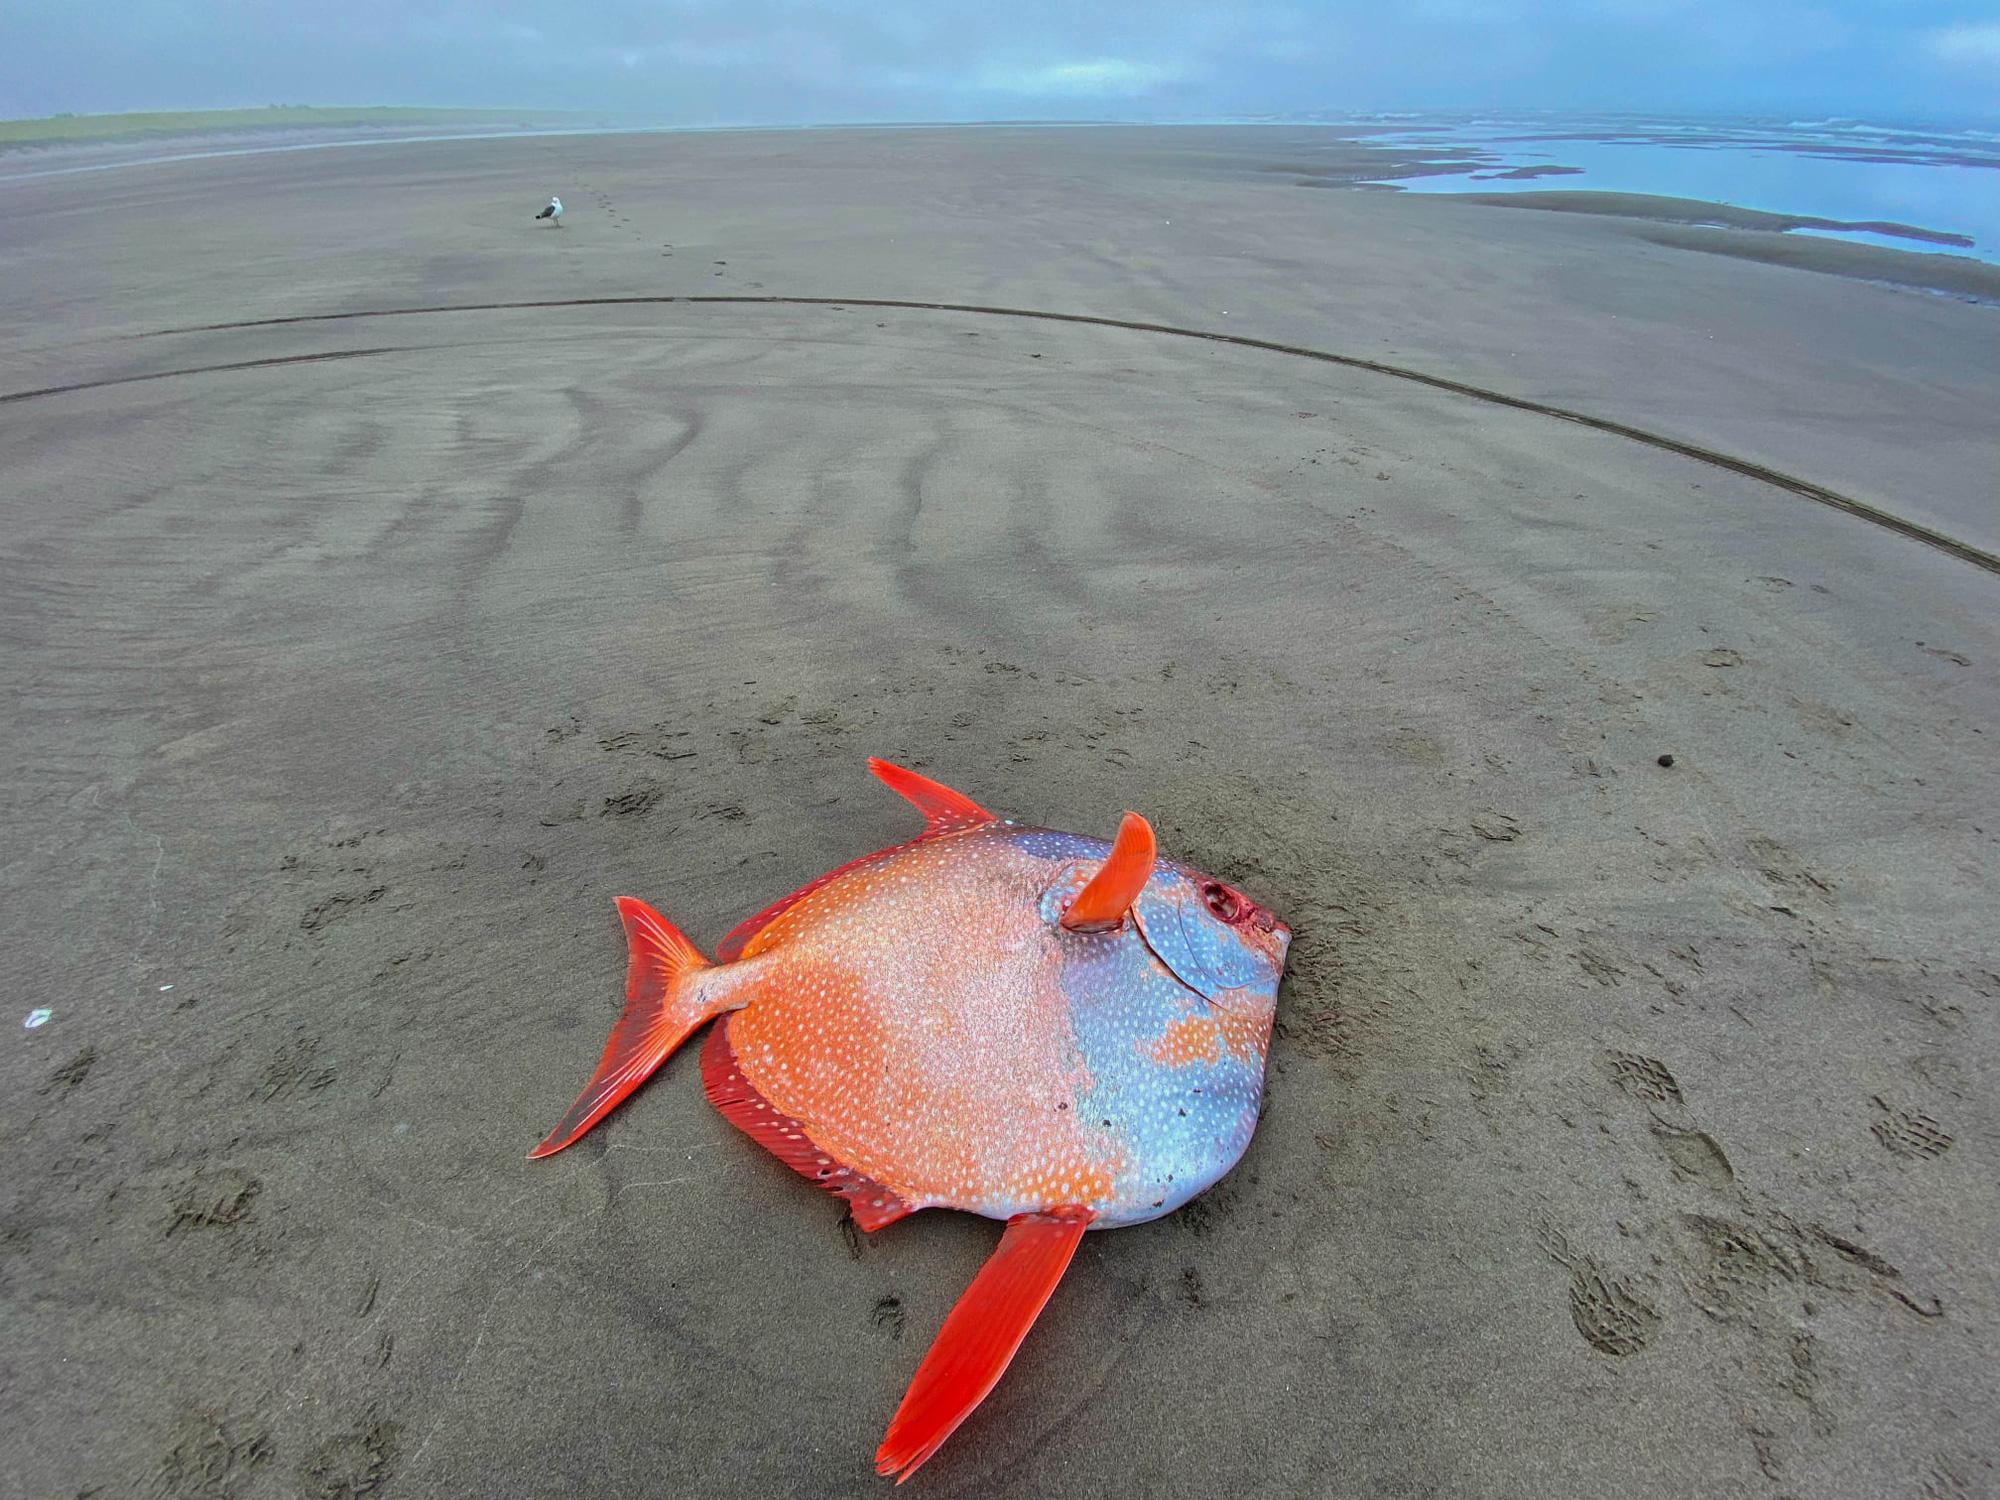 Cận cảnh chú cá mặt trăng khổng lồ dạt vào bờ biển tại Mỹ - Ảnh 1.